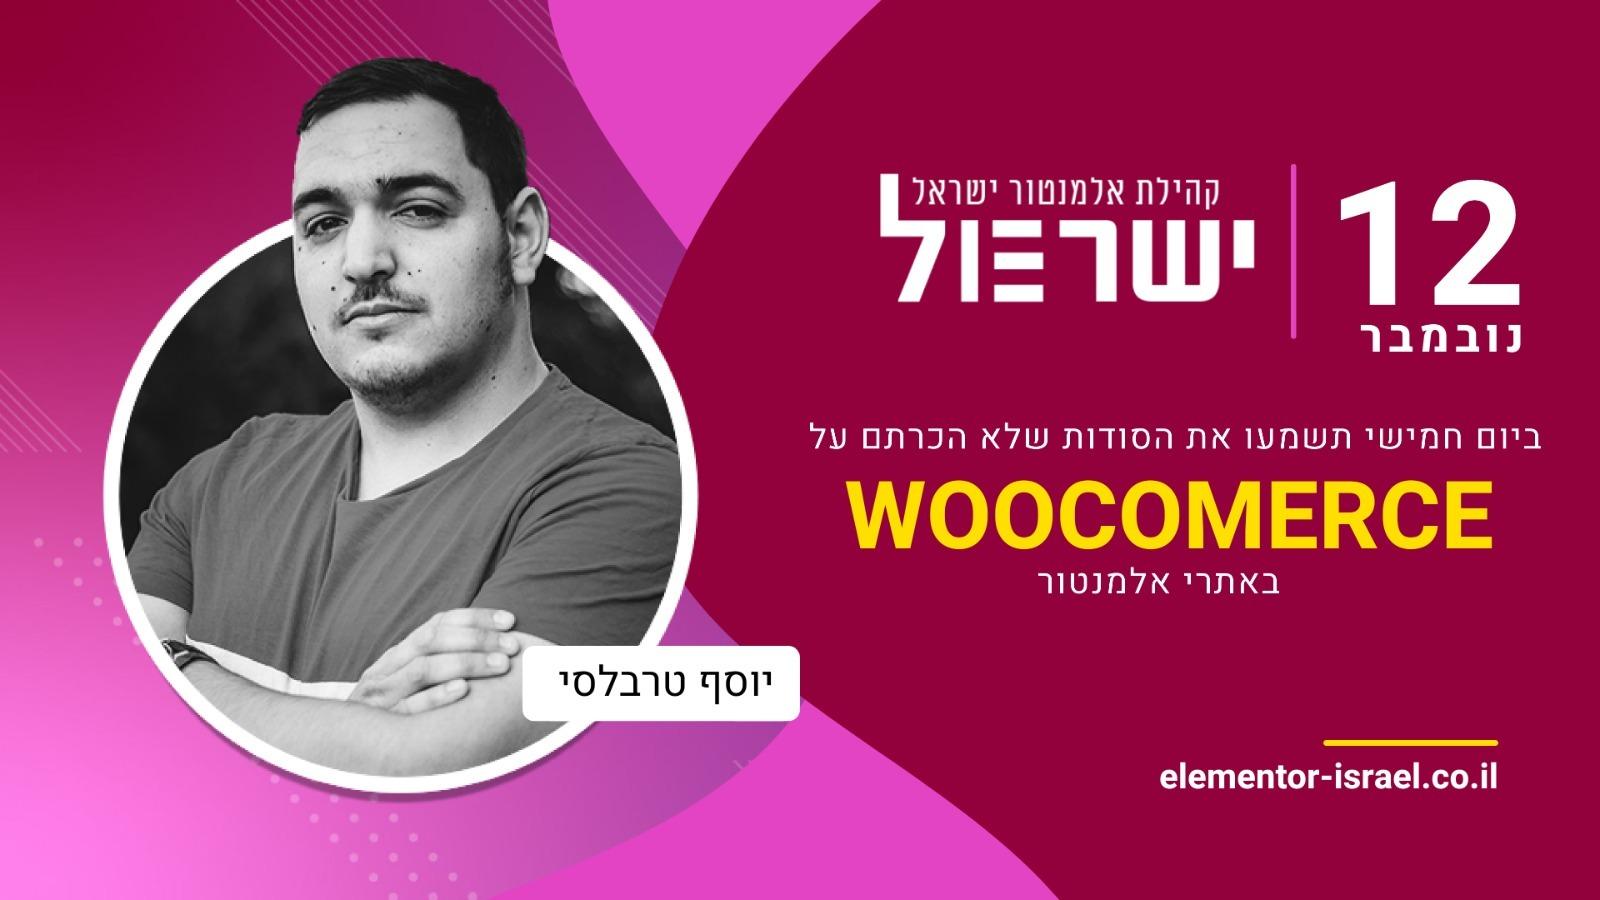 יוסף טרבלסי בלייב בקהילת אלמנטור ישראל